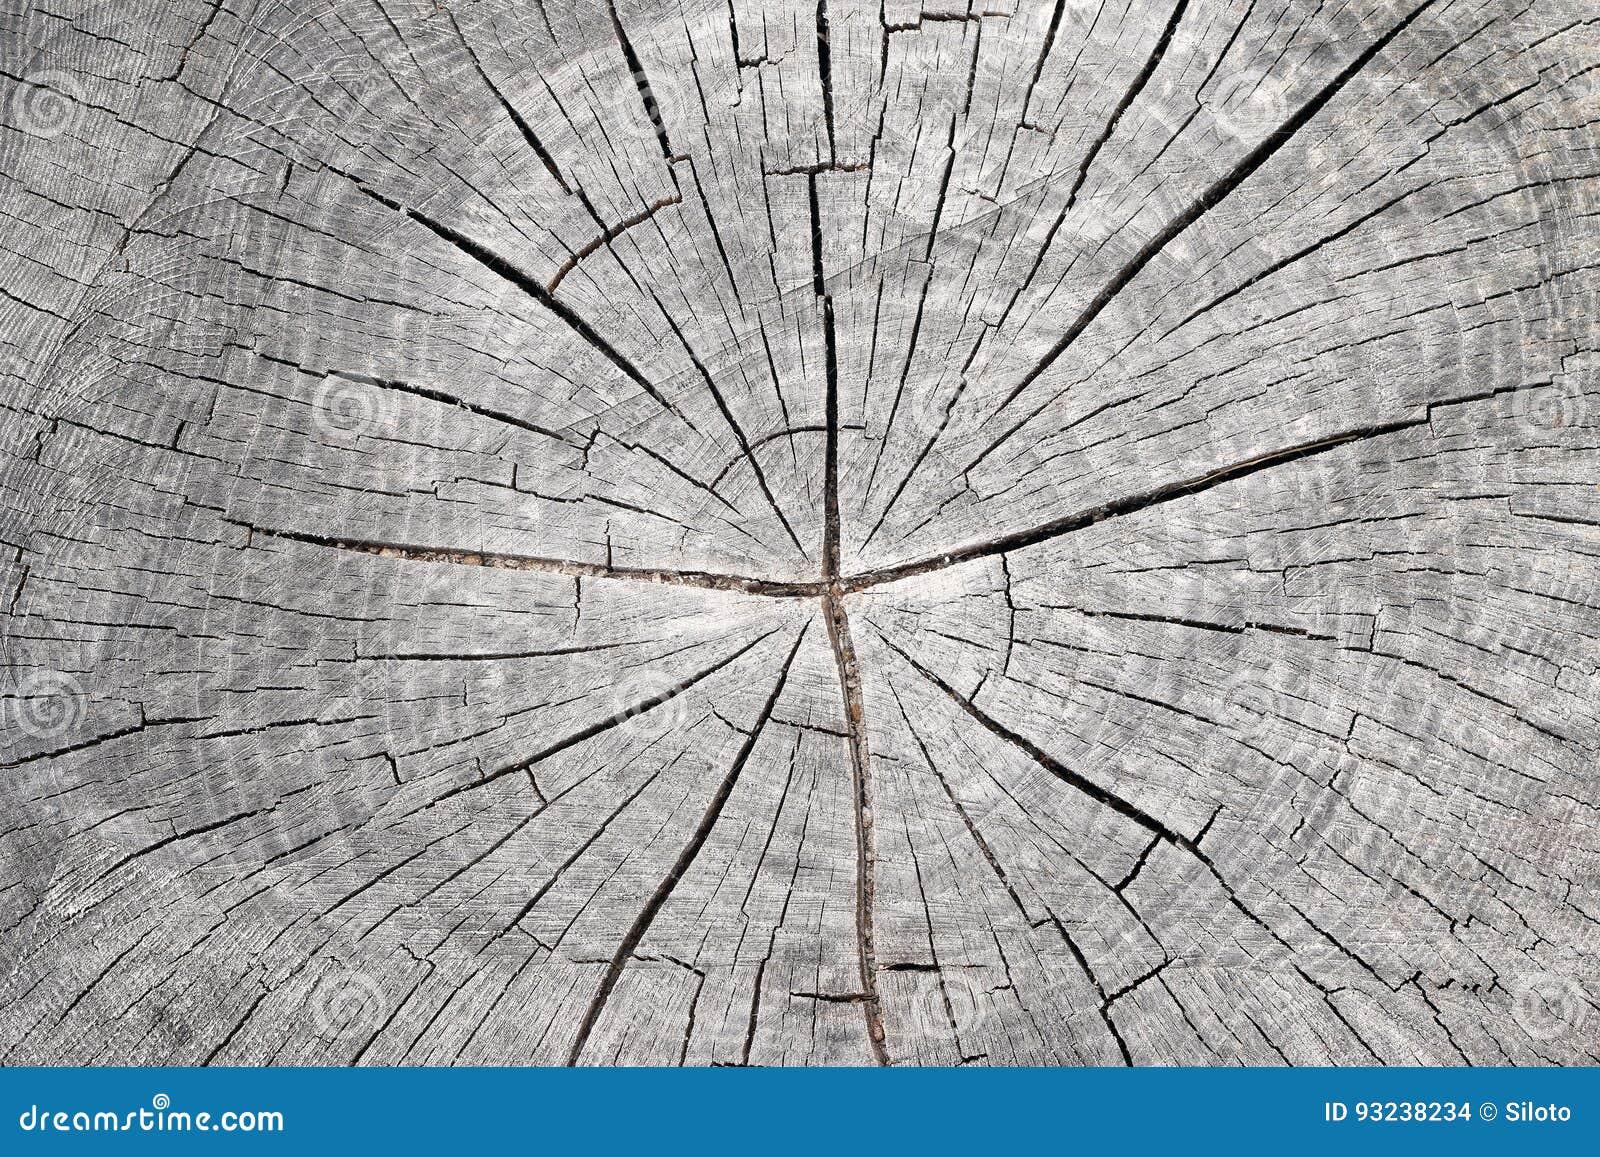 Corte o tronco de árvore - anéis anulares